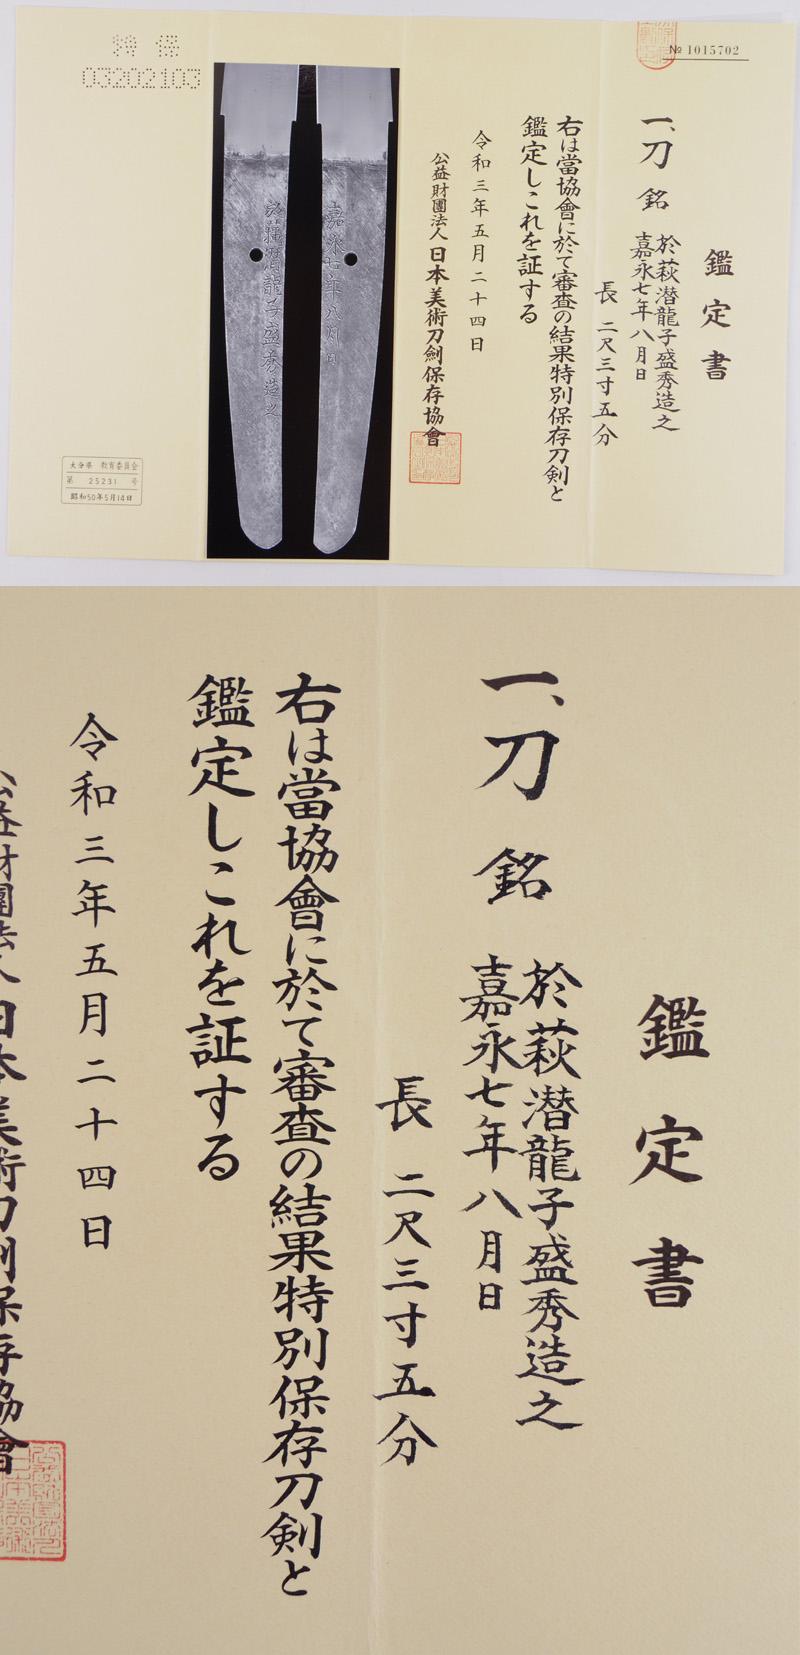 刀 於萩潜龍子盛秀造之  嘉永七年八月日鑑定書画像